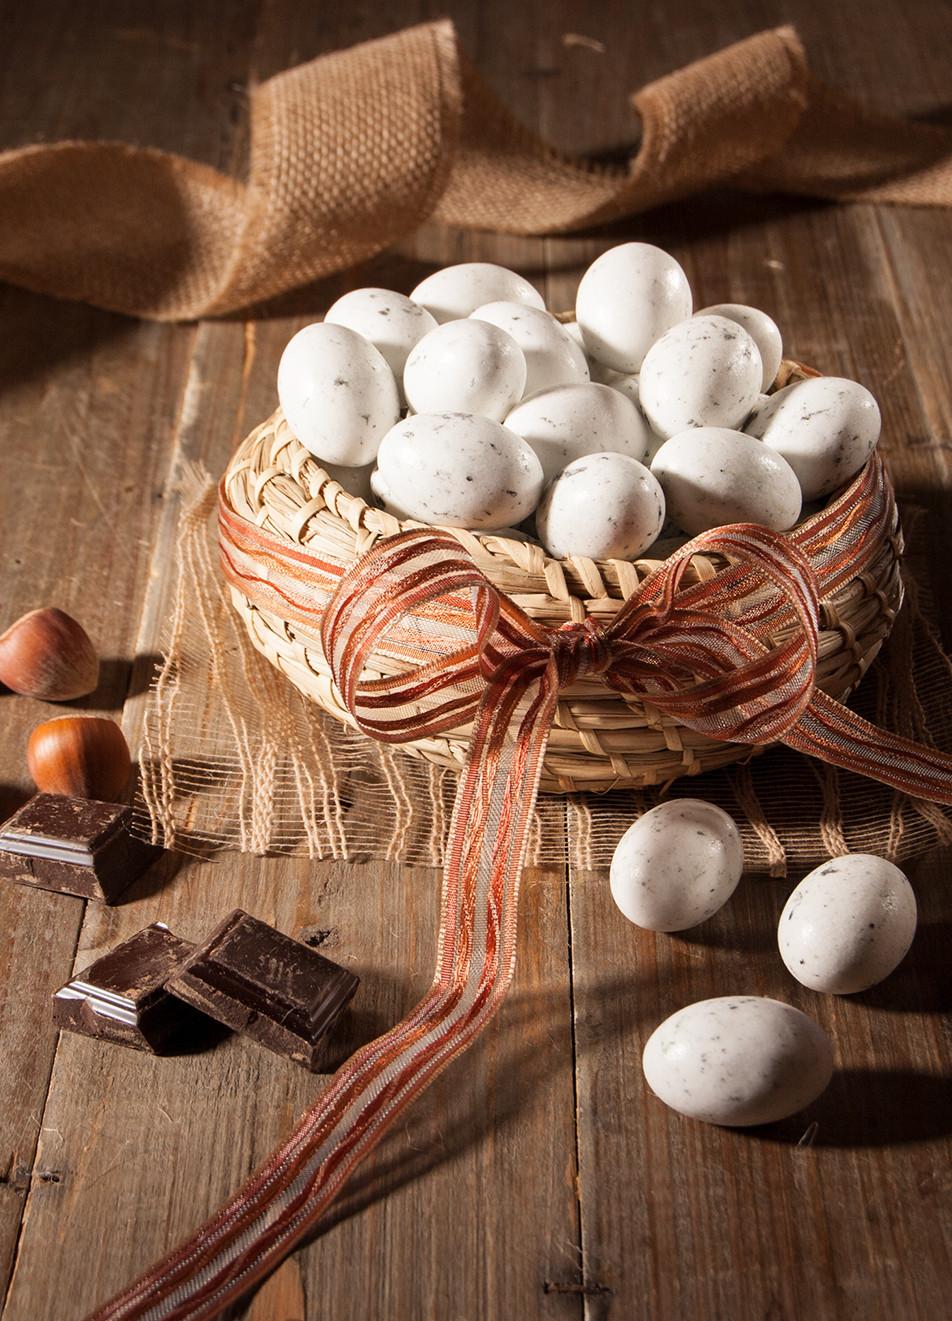 Storks' Eggs